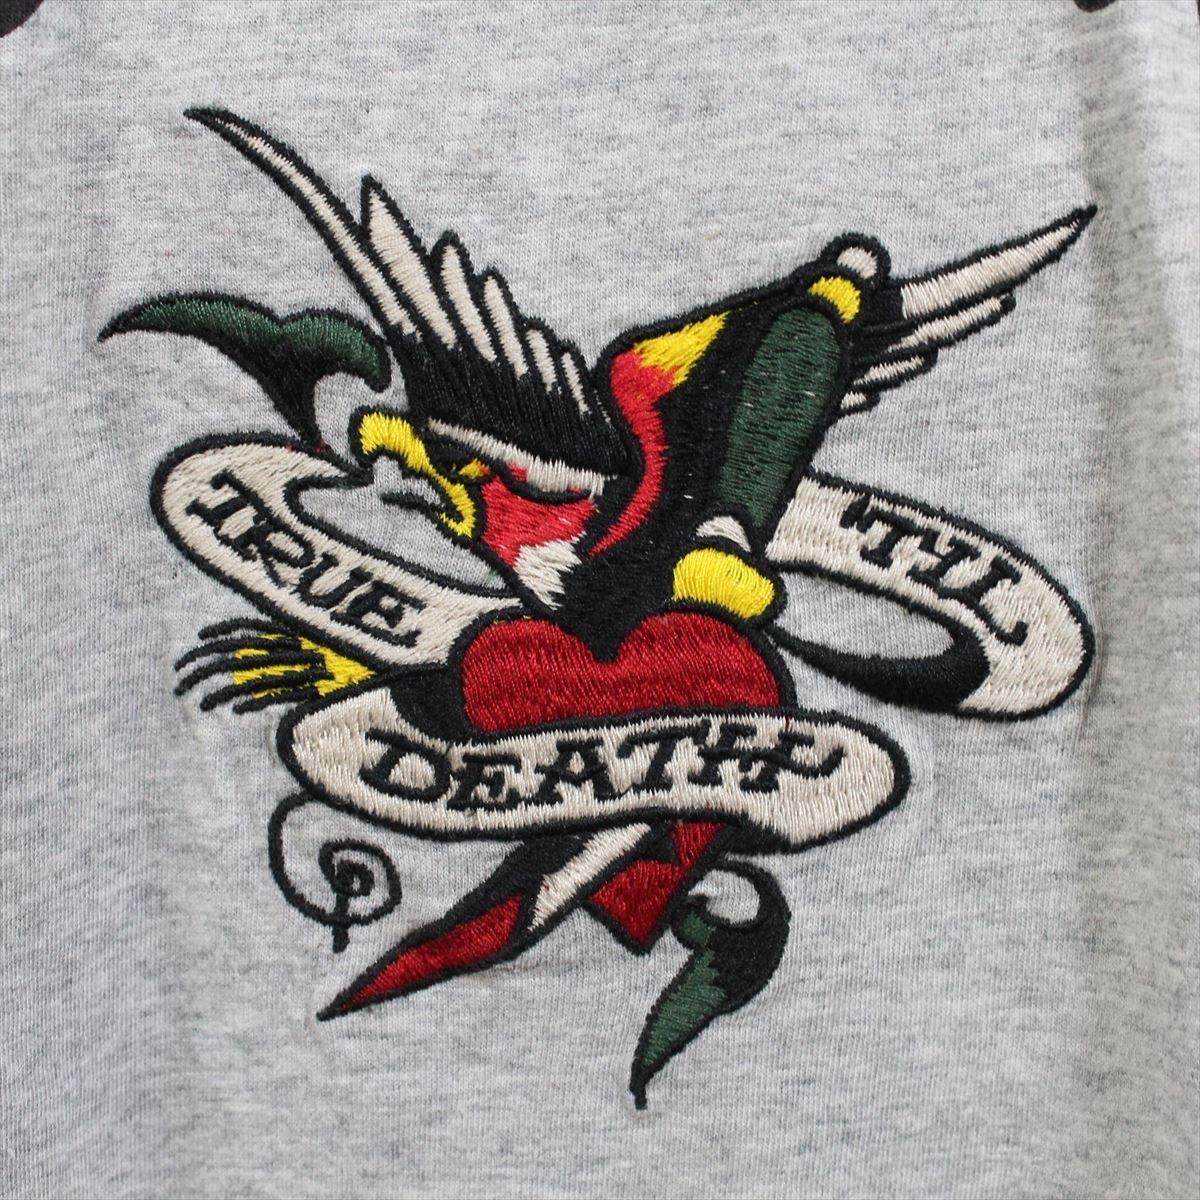 エドハーディー ED HARDY メンズ半袖Tシャツ グレー Sサイズ FG276 新品_画像3